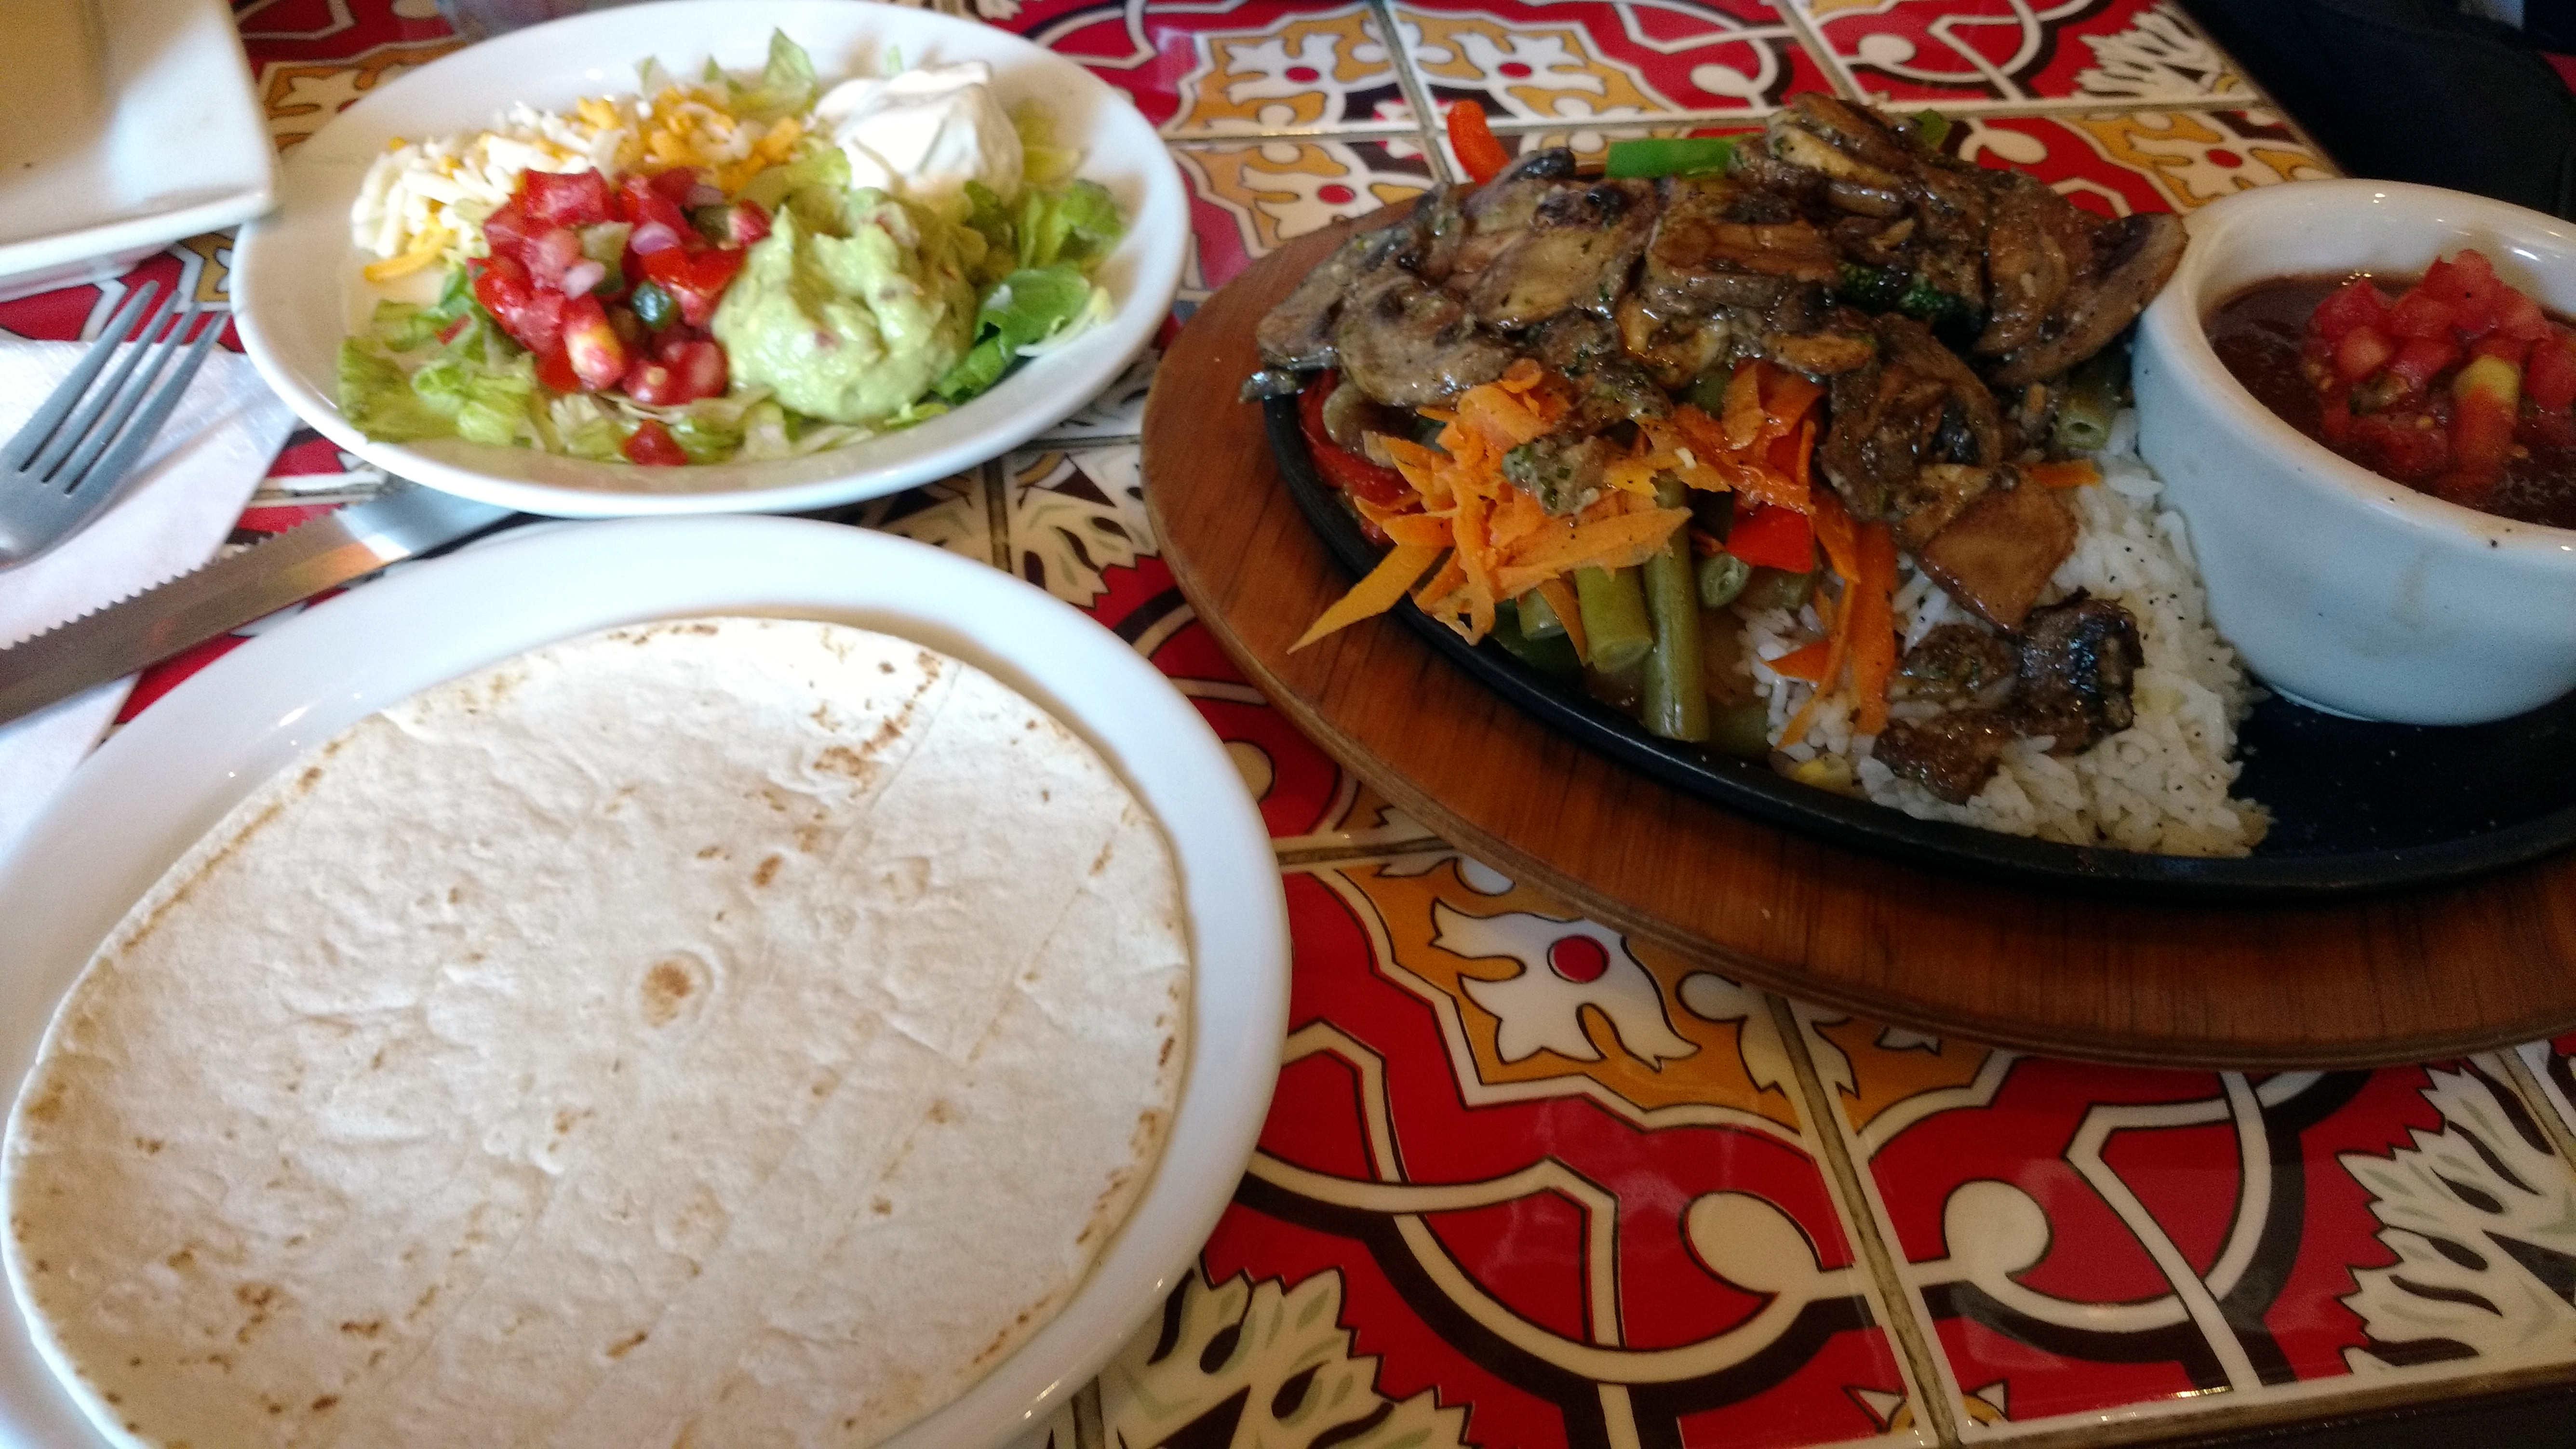 Fajitas vegetarianas en Chili's